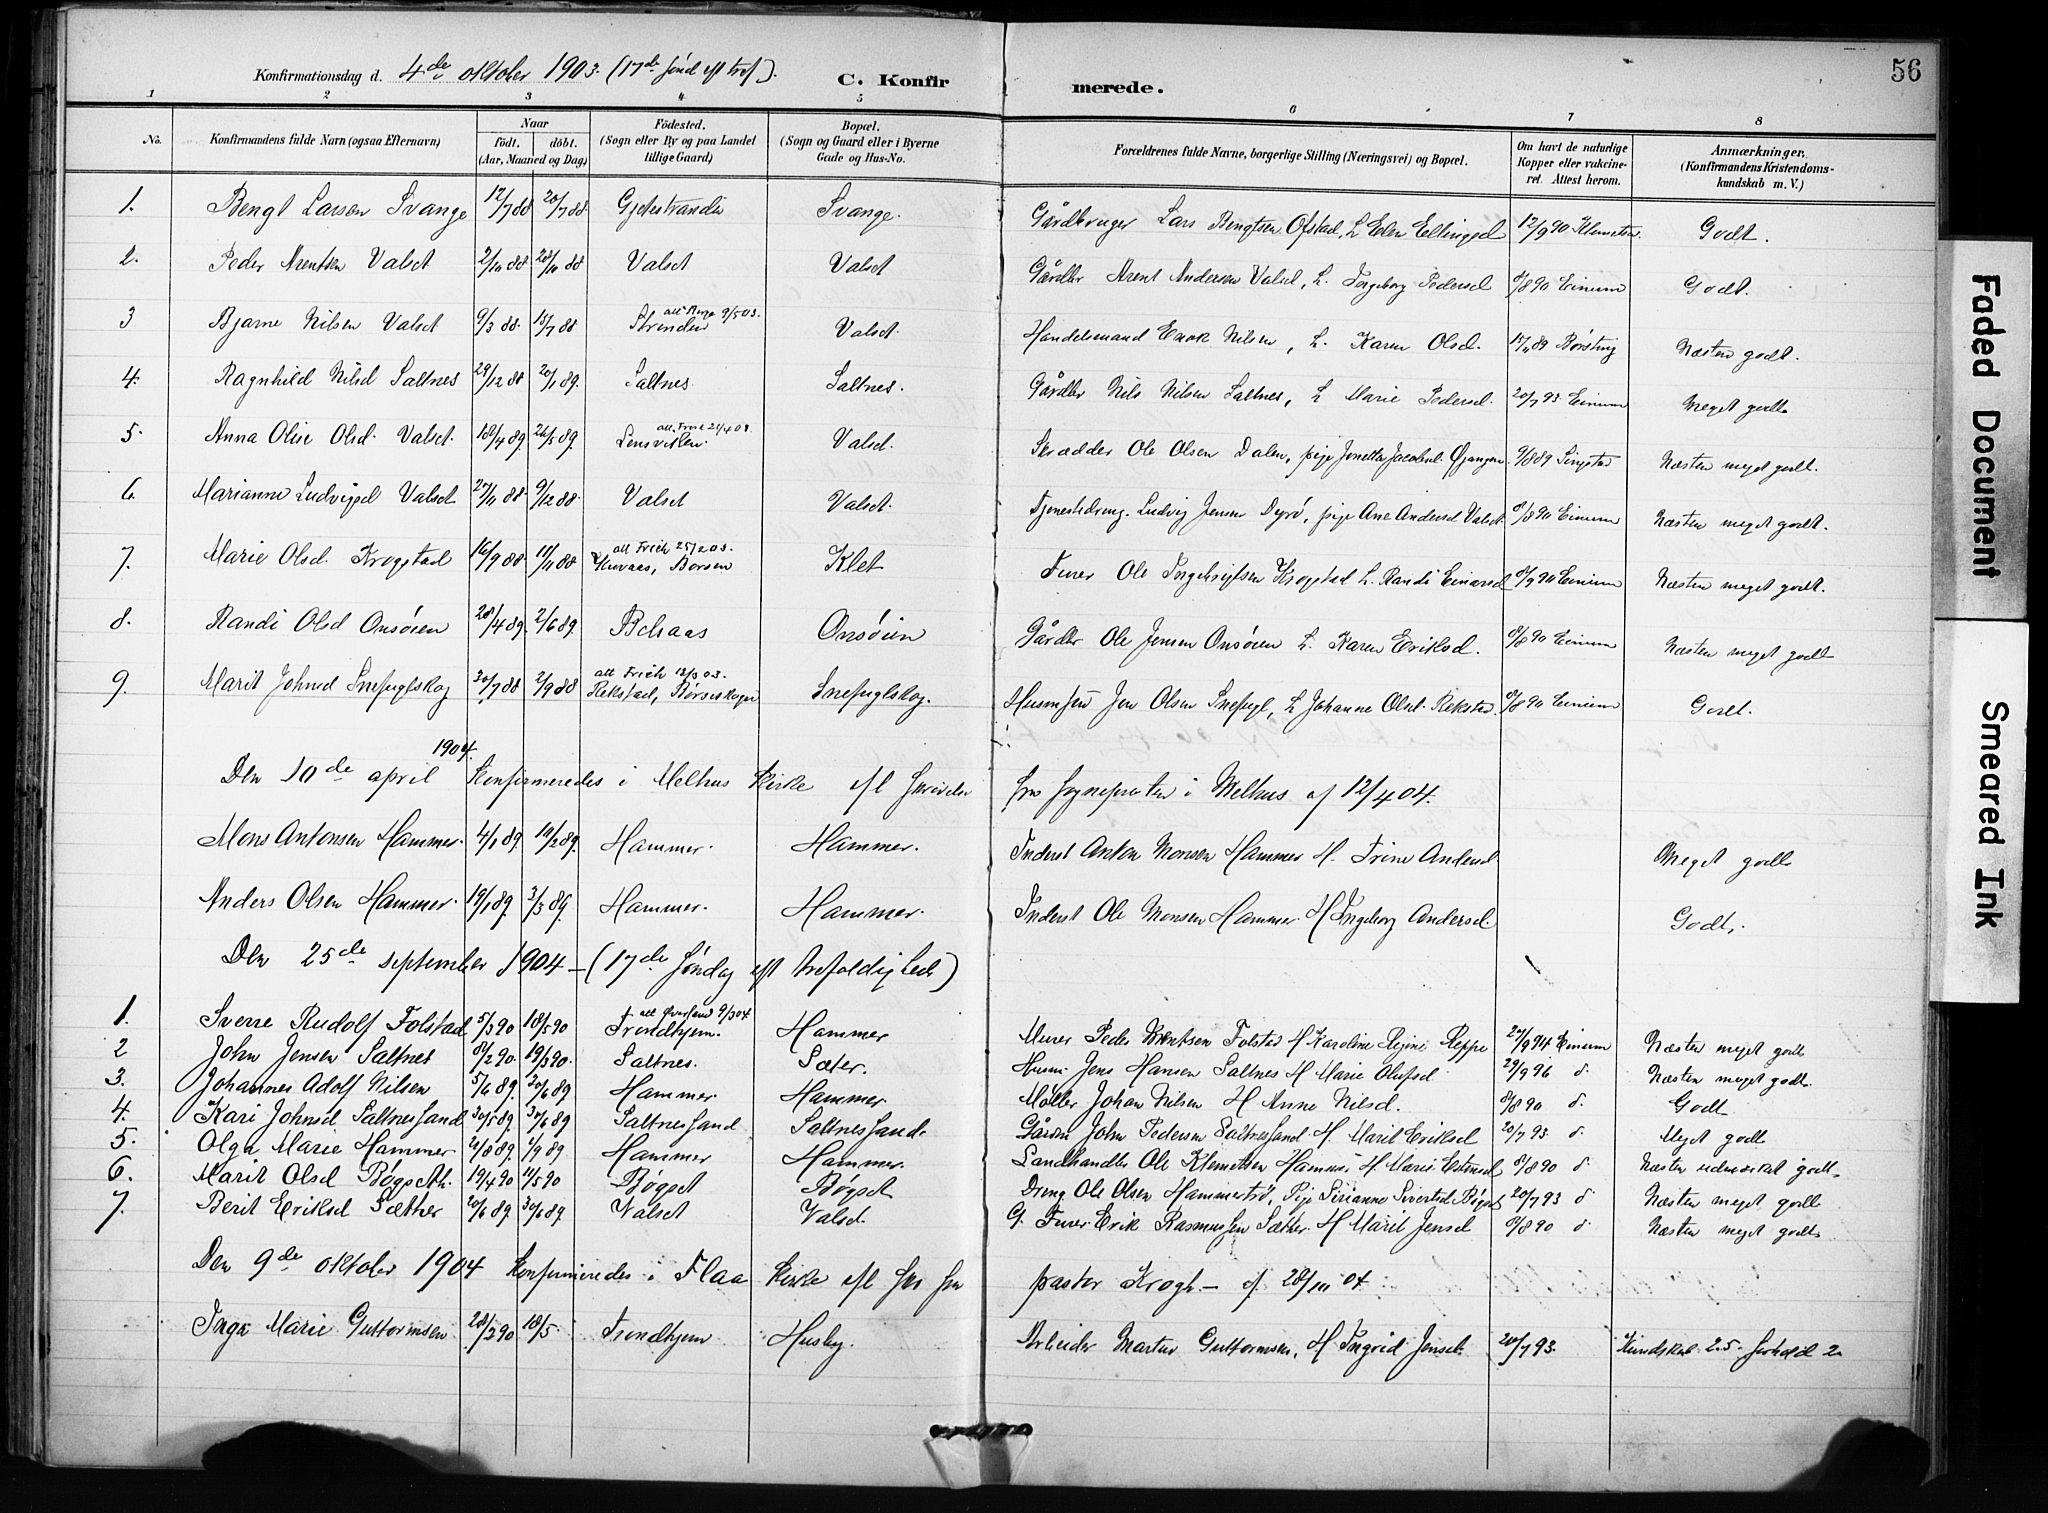 SAT, Ministerialprotokoller, klokkerbøker og fødselsregistre - Sør-Trøndelag, 666/L0787: Ministerialbok nr. 666A05, 1895-1908, s. 56